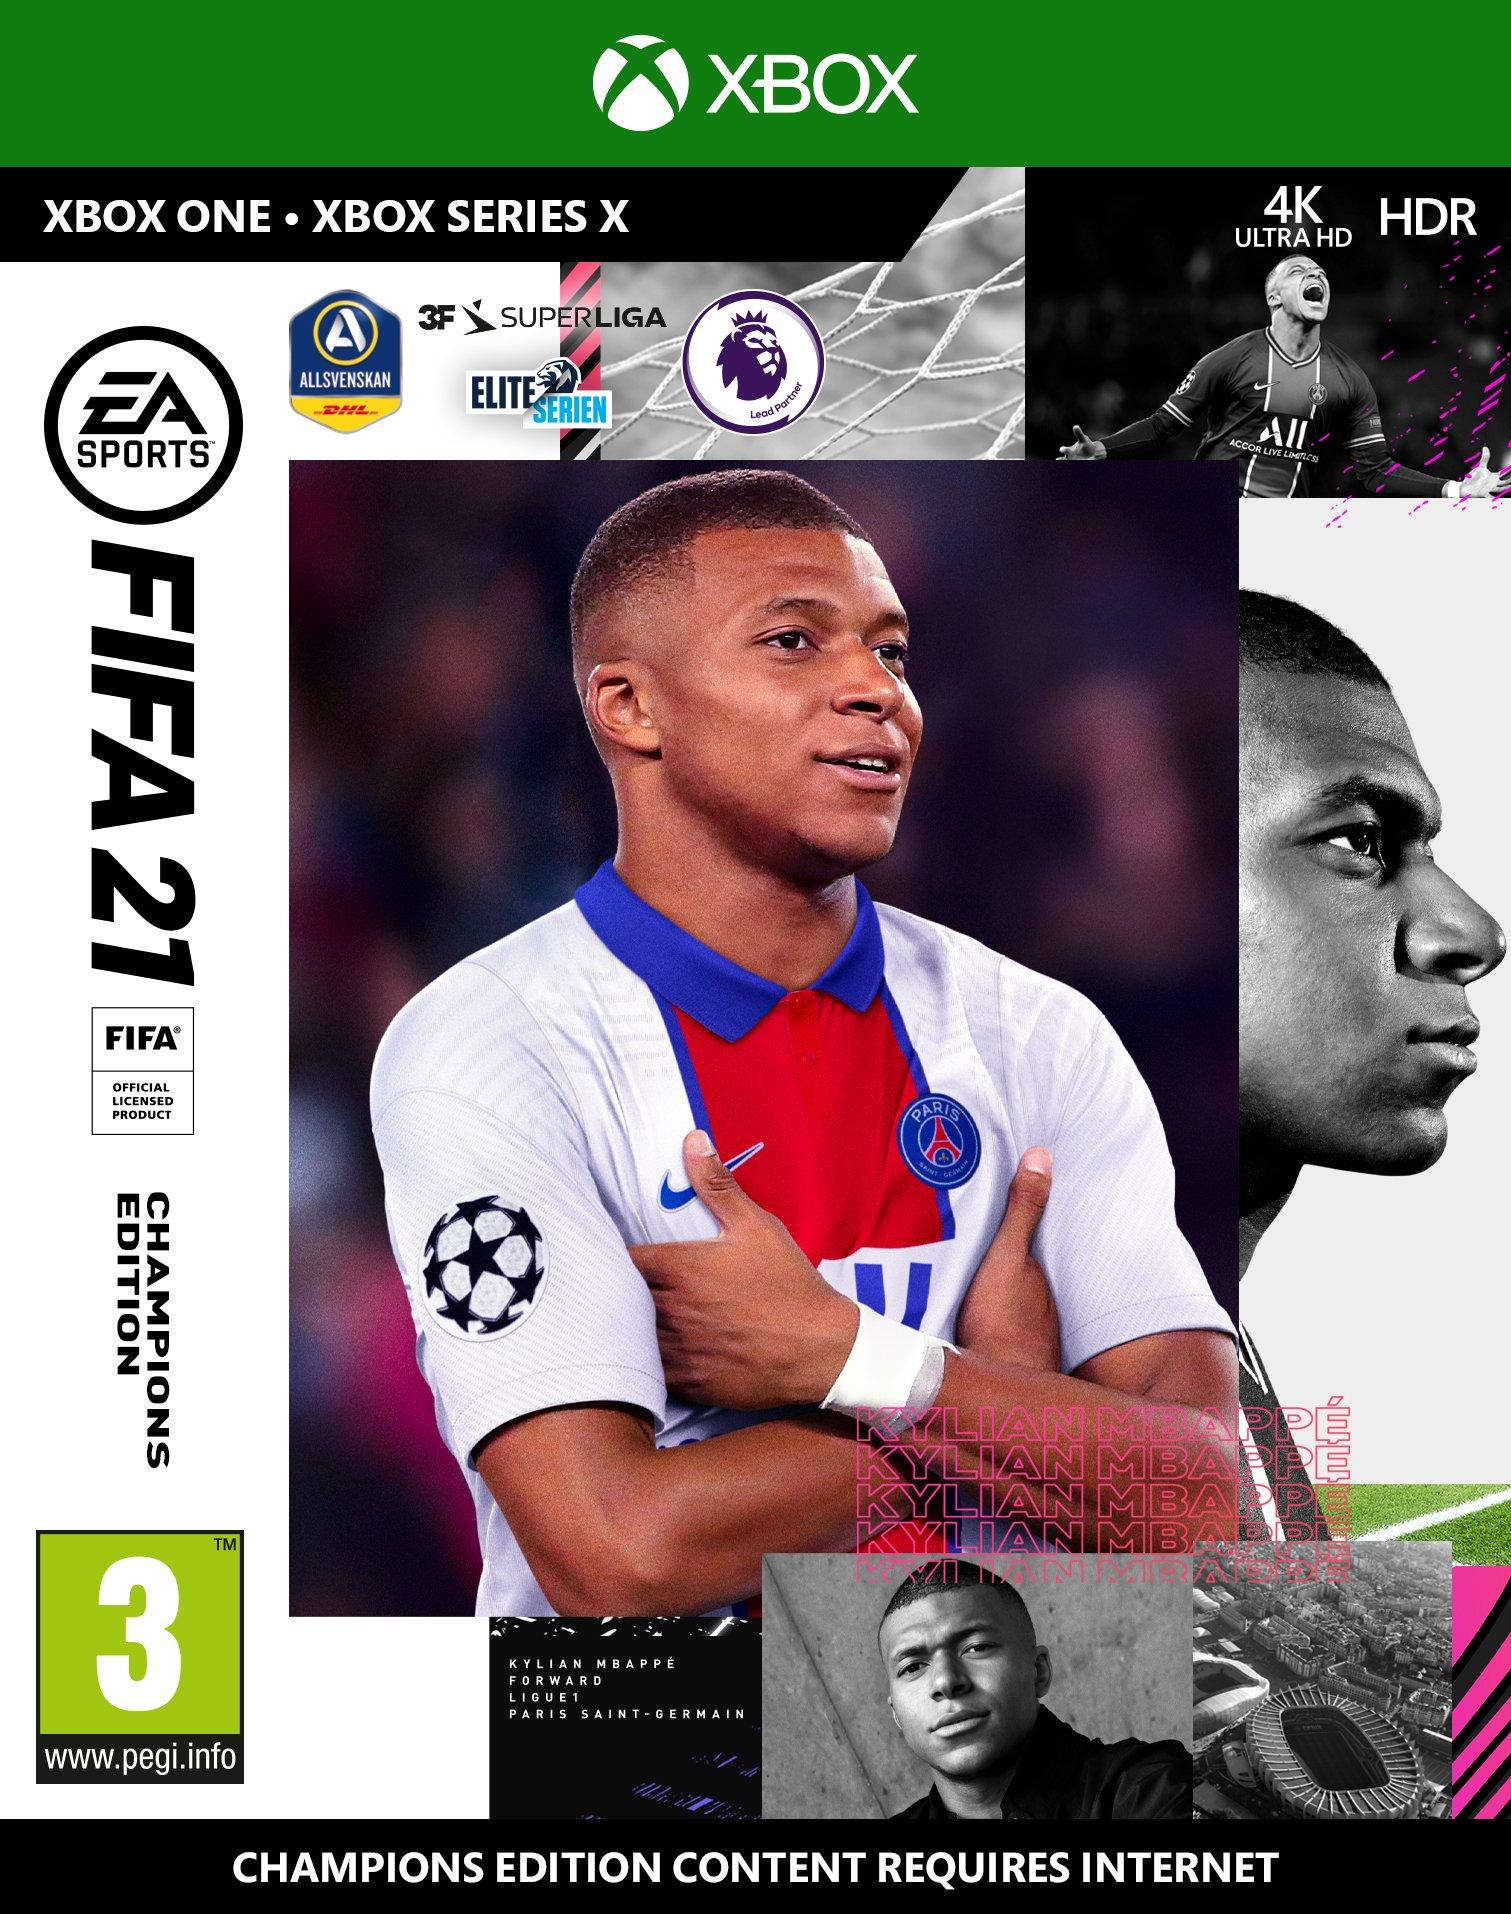 FIFA 21 (Nordic) Champions Edition - Includes XBOX Series X Version